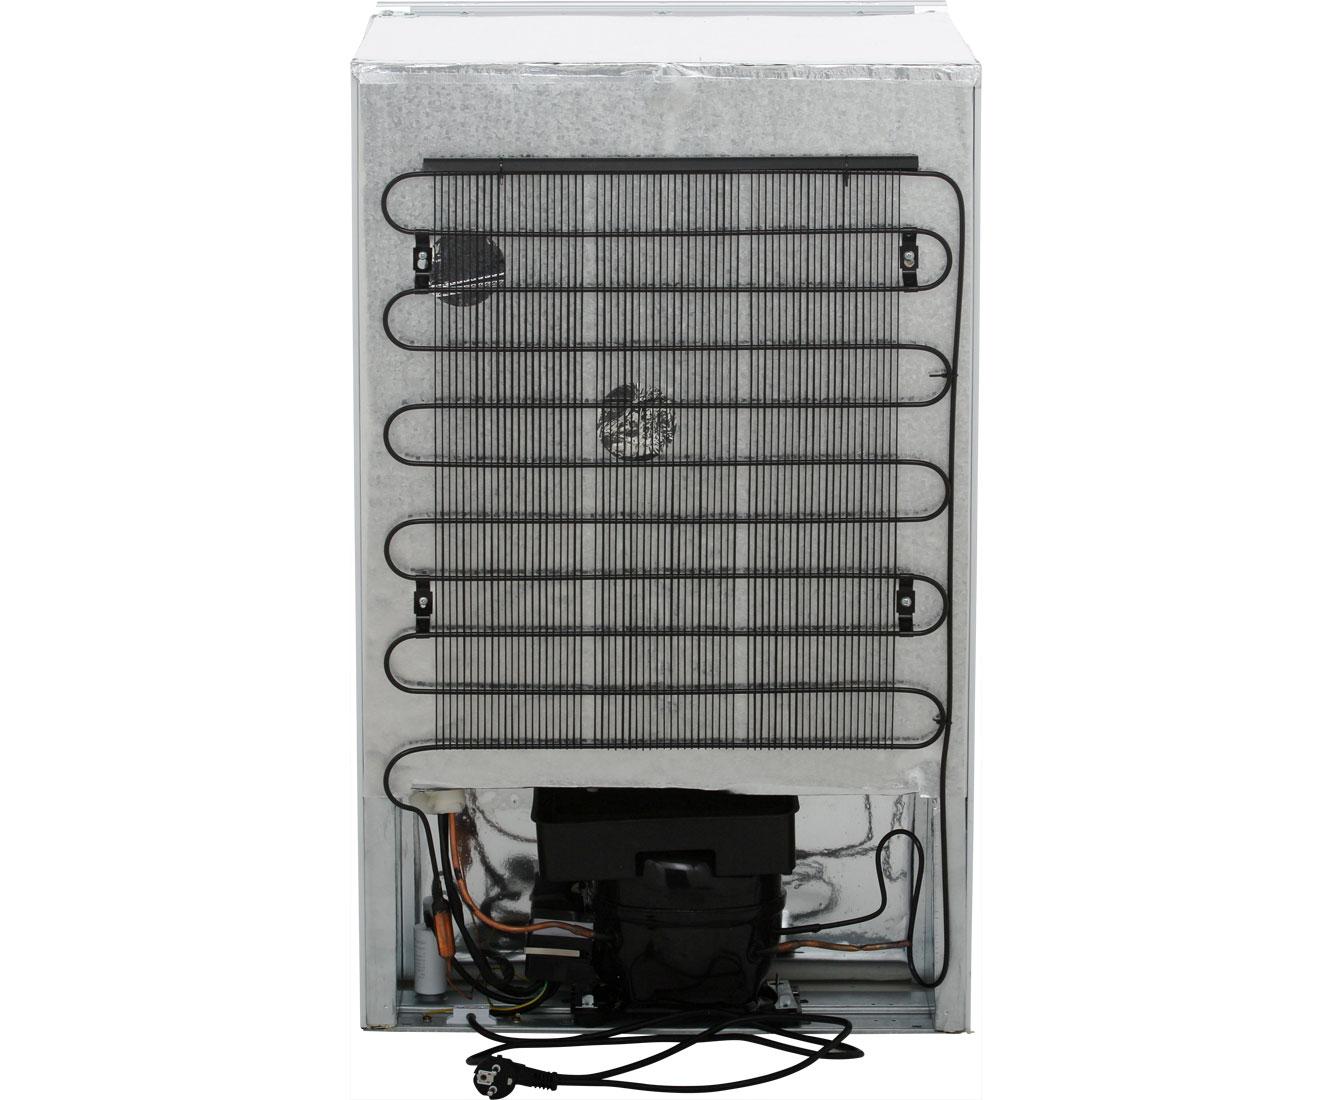 Mini Kühlschrank Zu Laut : Amica eks einbau kühlschrank mit gefrierfach er nische